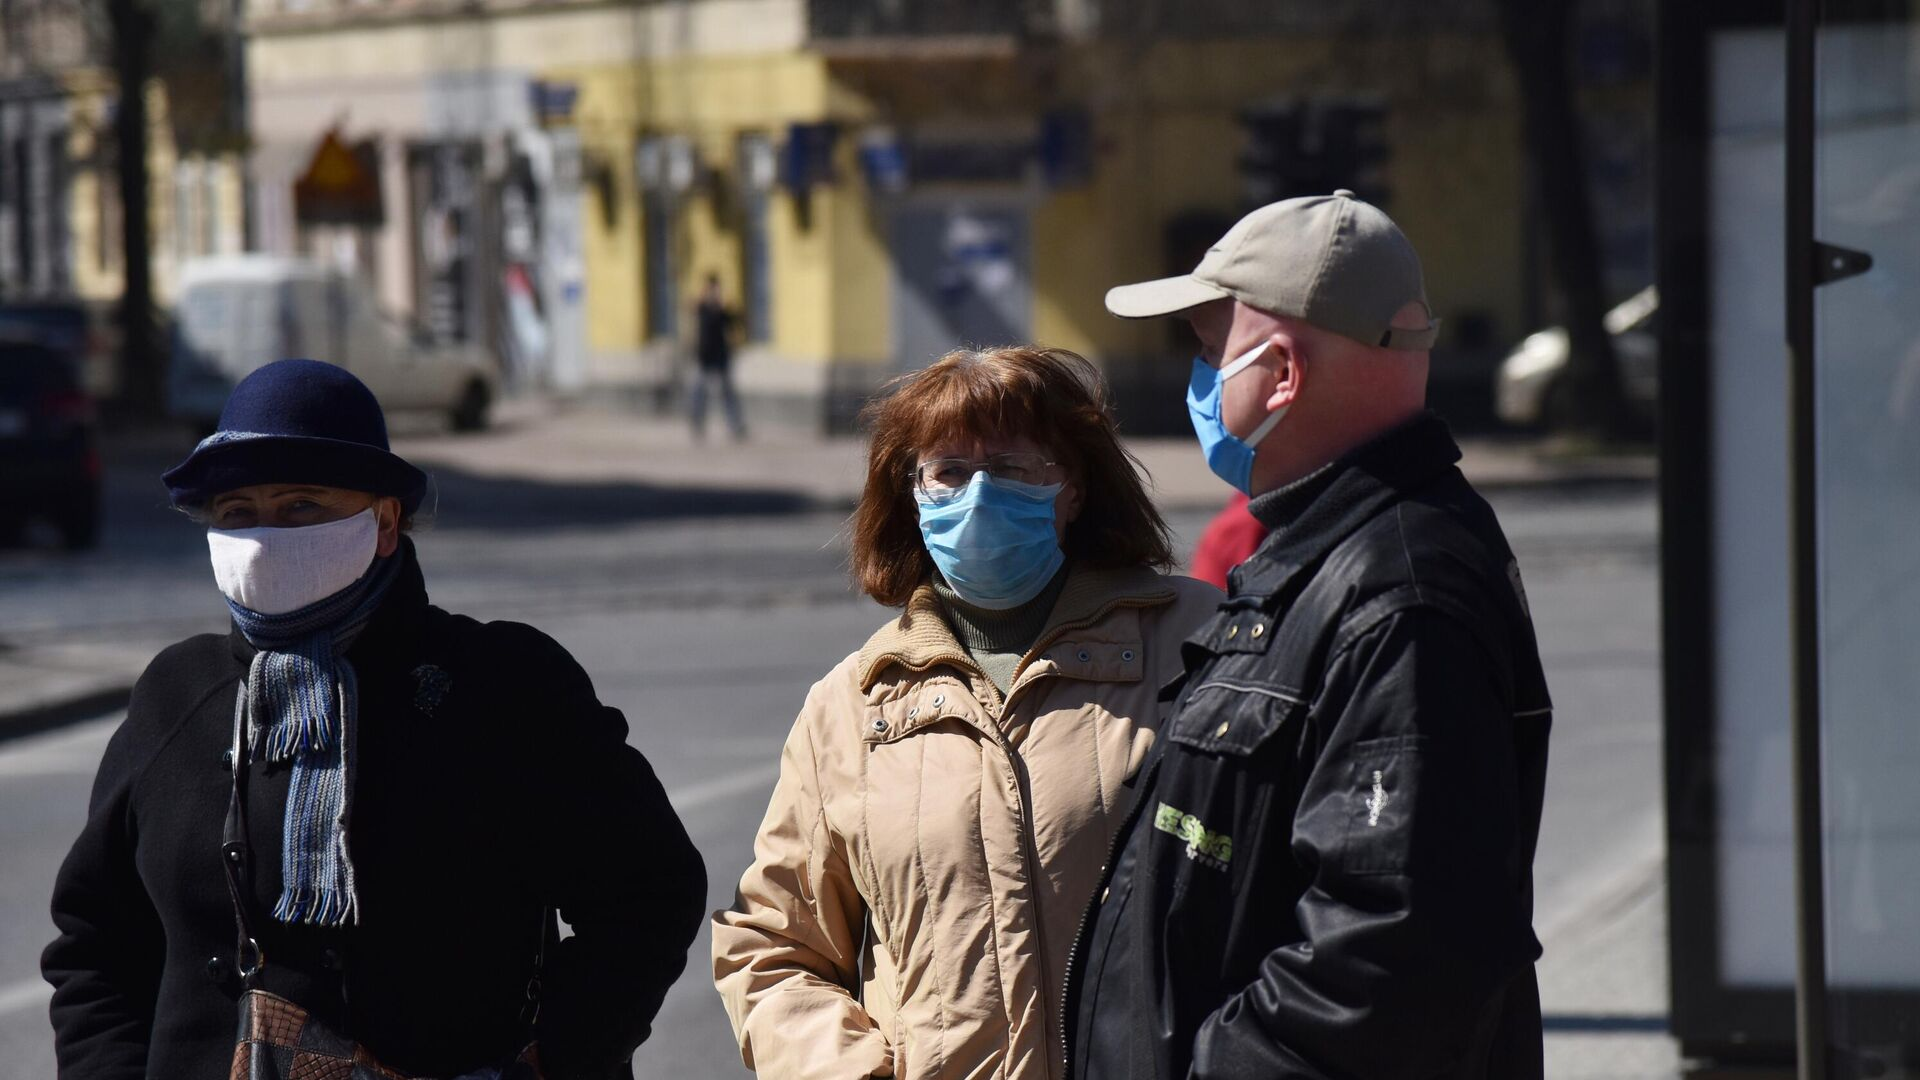 Прохожие в защитных масках на улице во Львове - РИА Новости, 1920, 06.06.2021